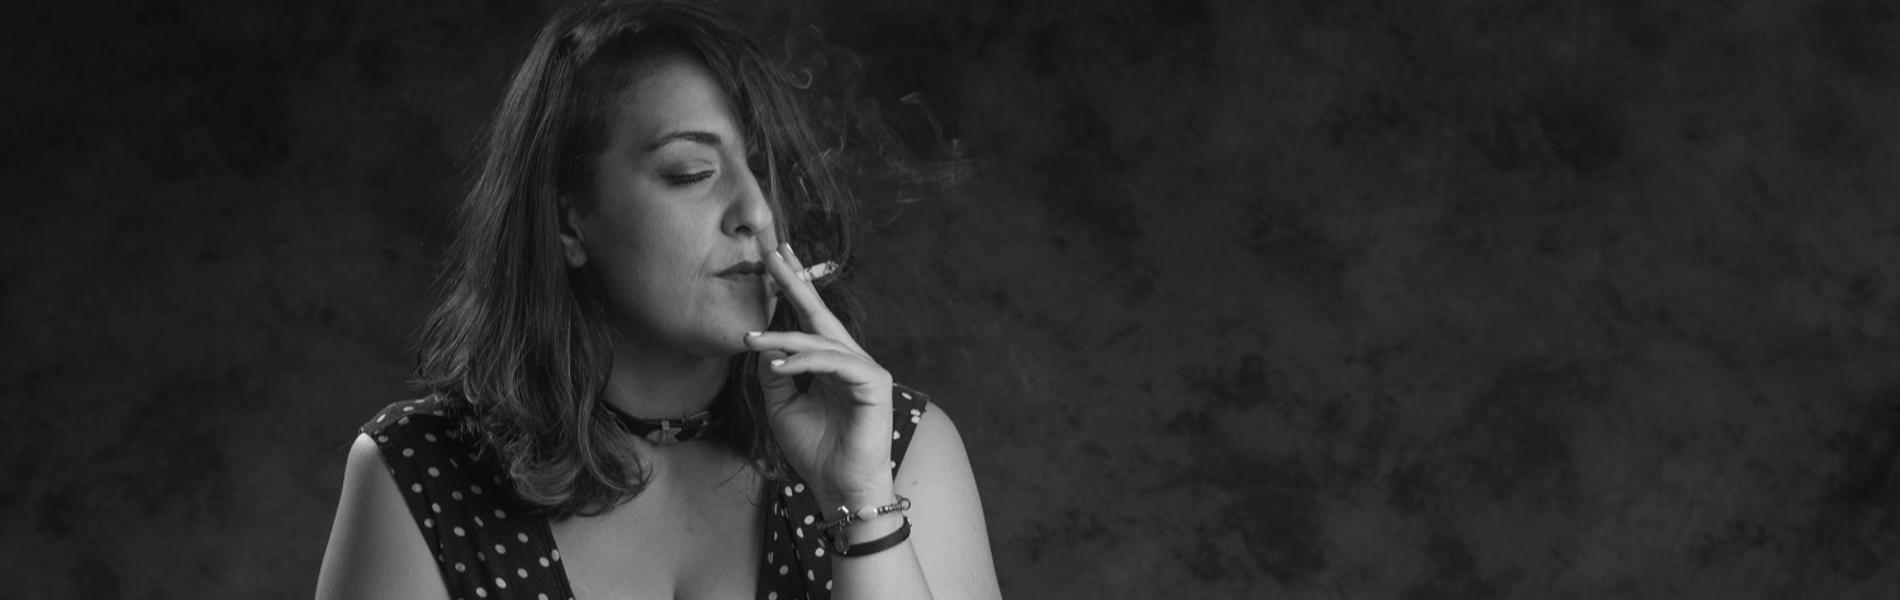 מסך עשן: 49 נשים וגברים, מאות סיגריות וצלם אחד שלא עישן מעולם